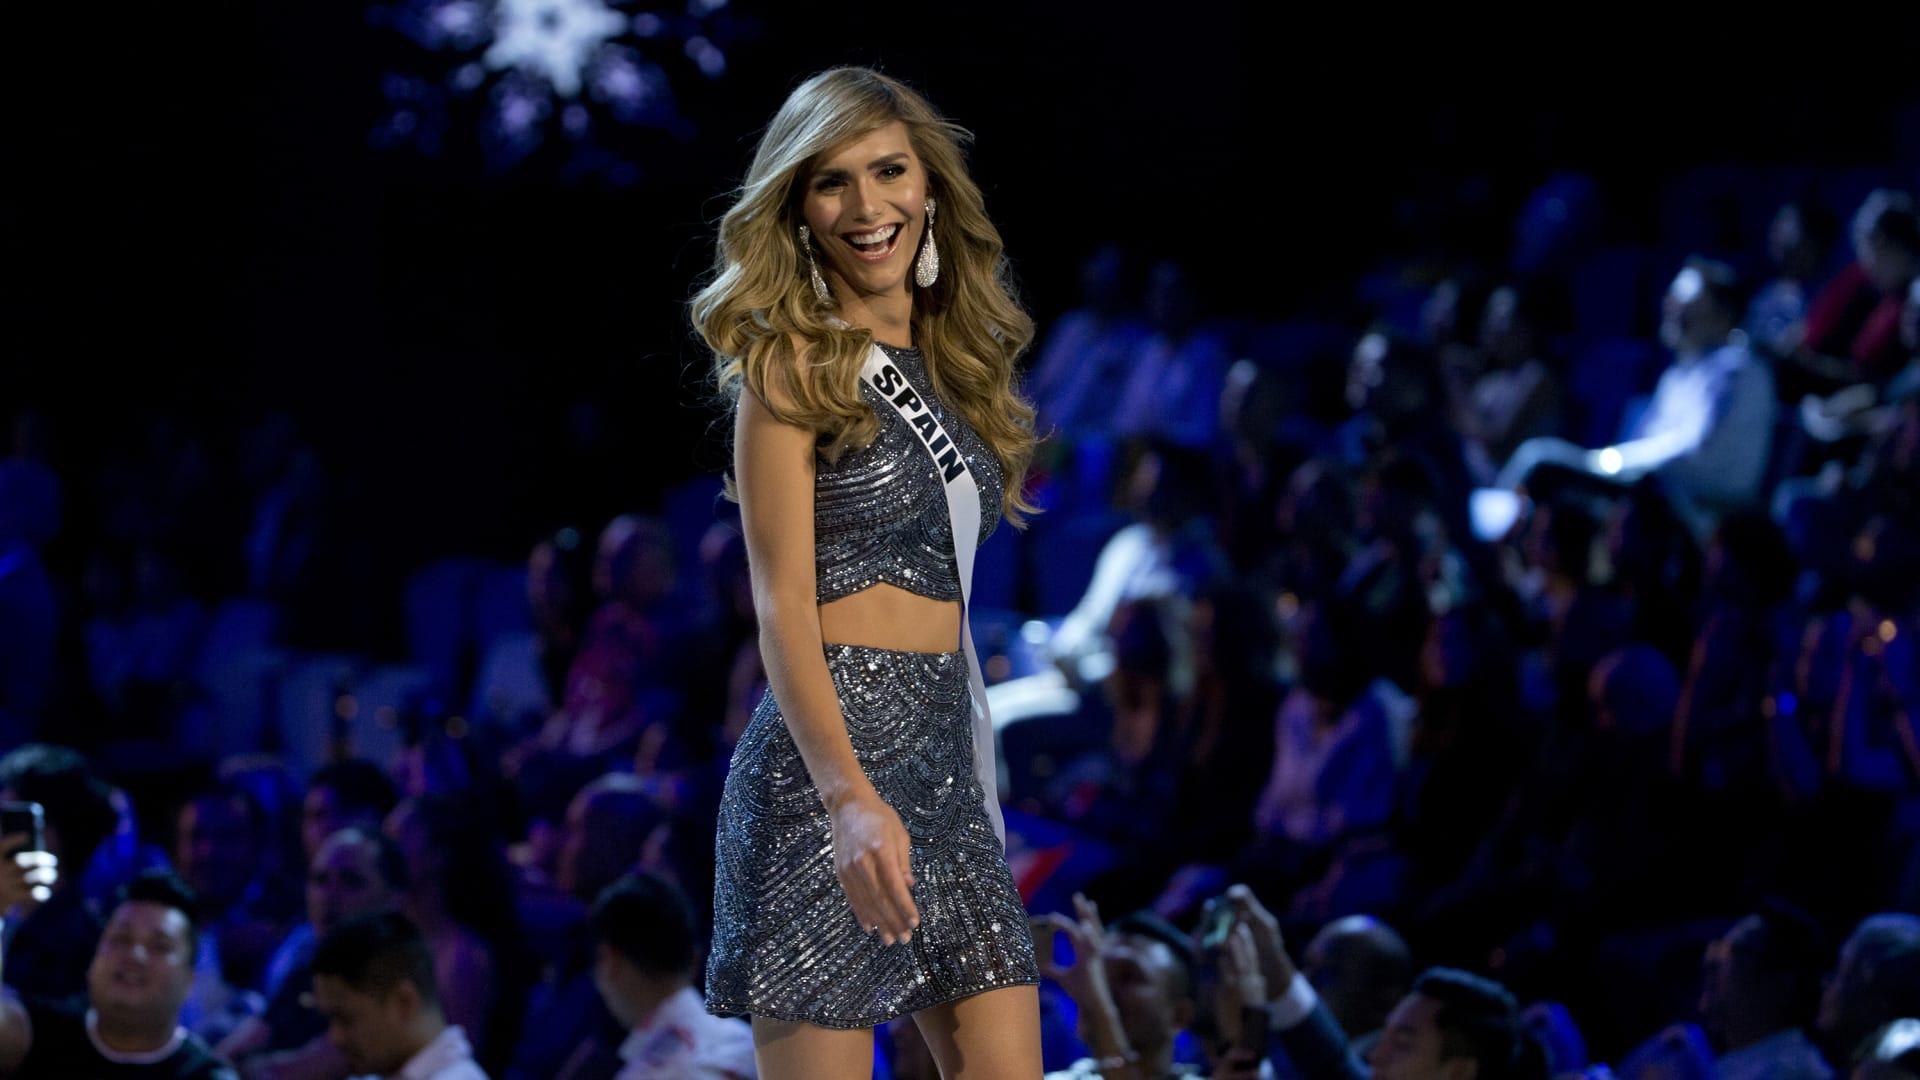 شاركت ملكة جمال إسبانيا، أنجيلا بونس، في المسابقة لتكون أول متحولة جنسياً، تشارك في حفل ملكة جمال الكون.